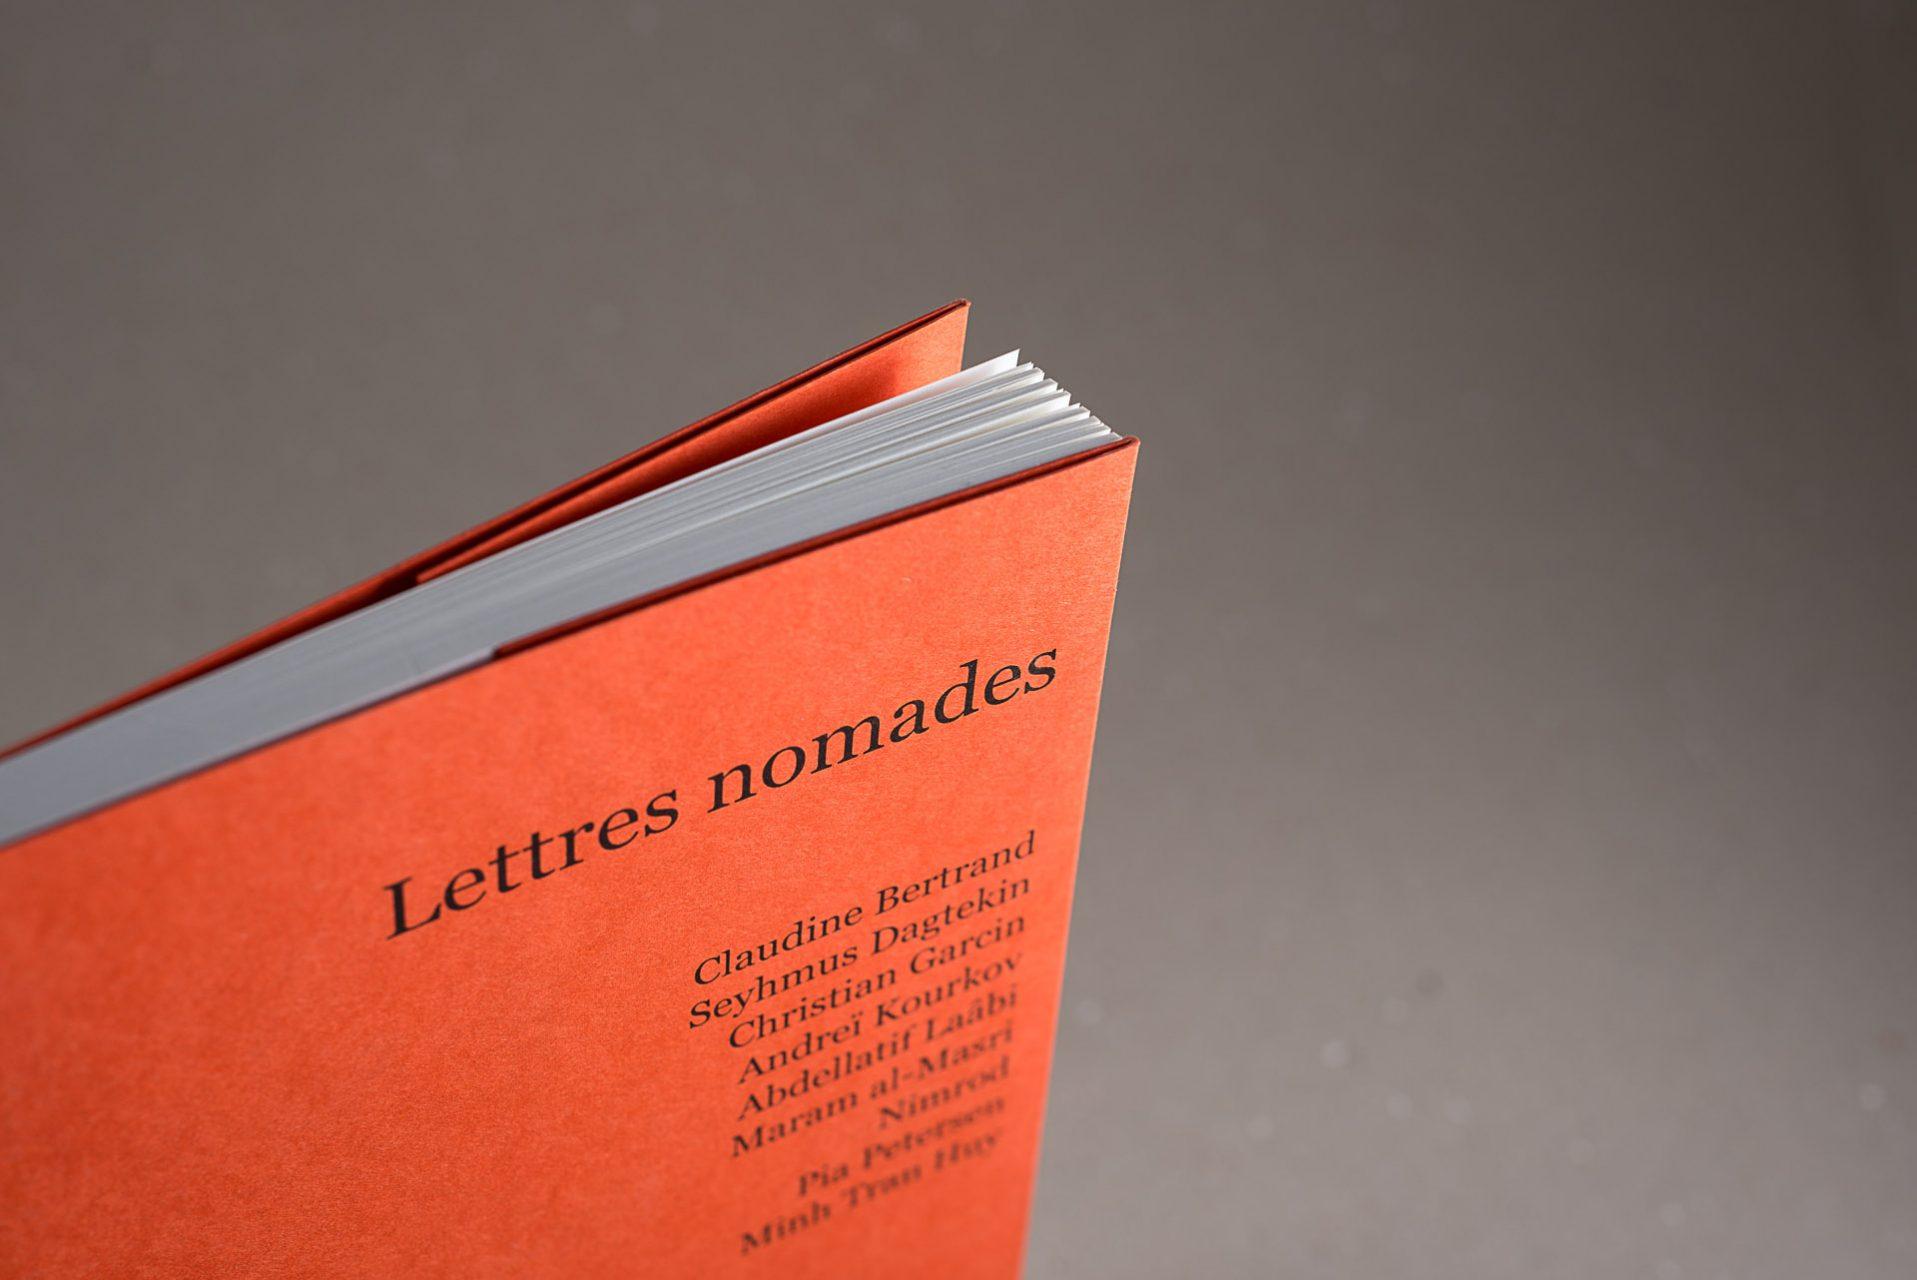 web-hd-nuit-myrtide-lettres-nomades-20170307-03